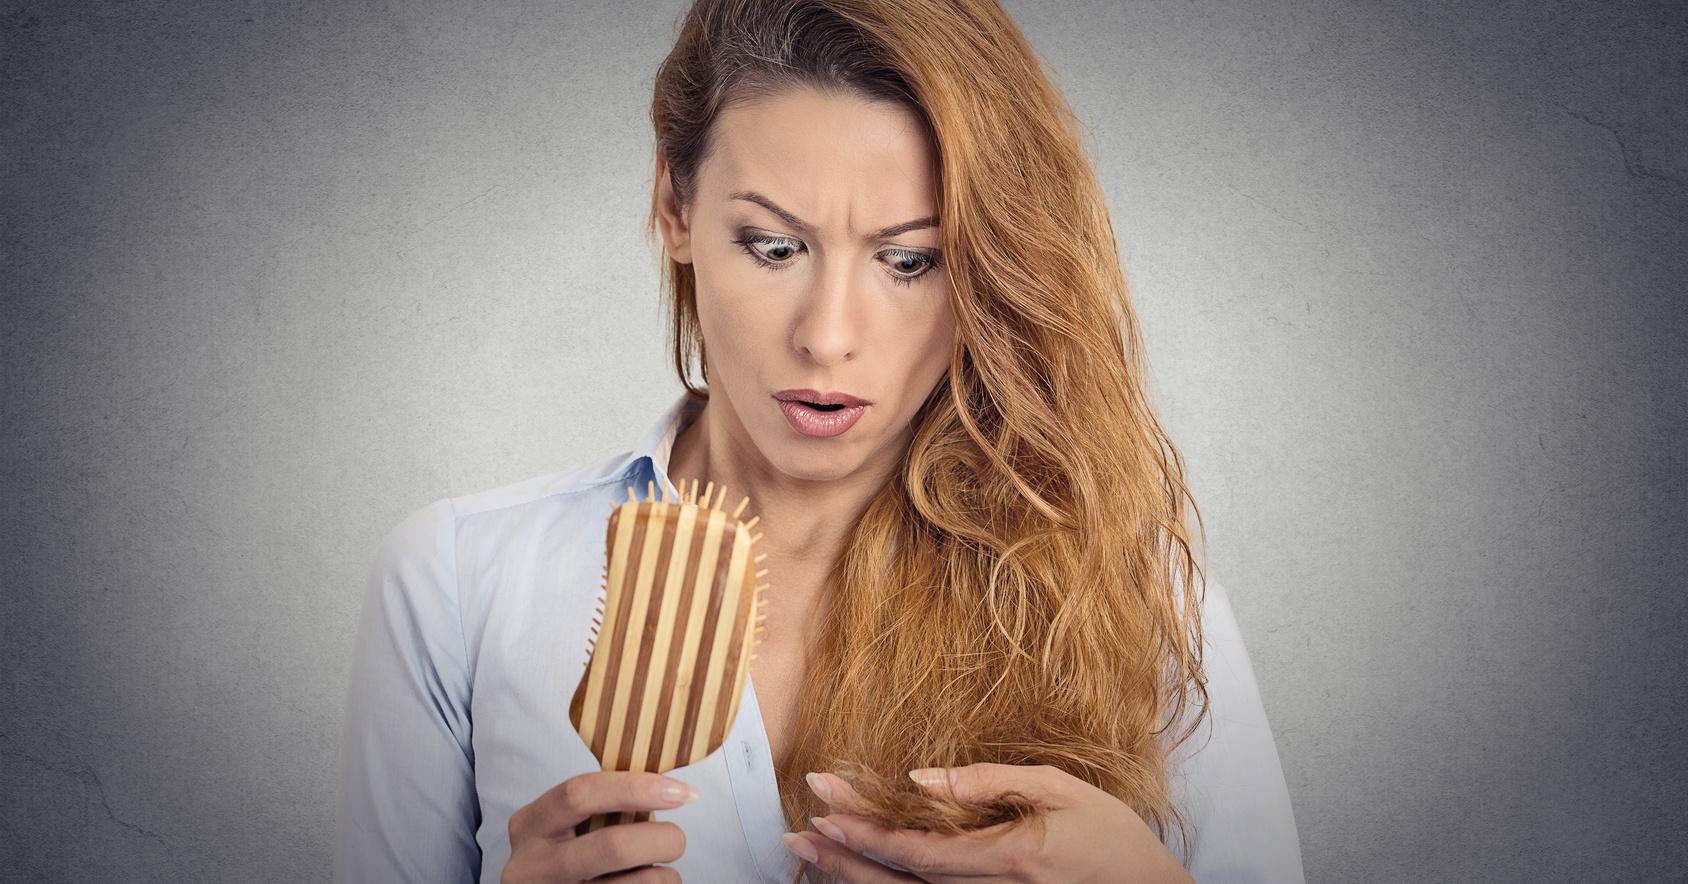 Hair loss treatments in Dubai